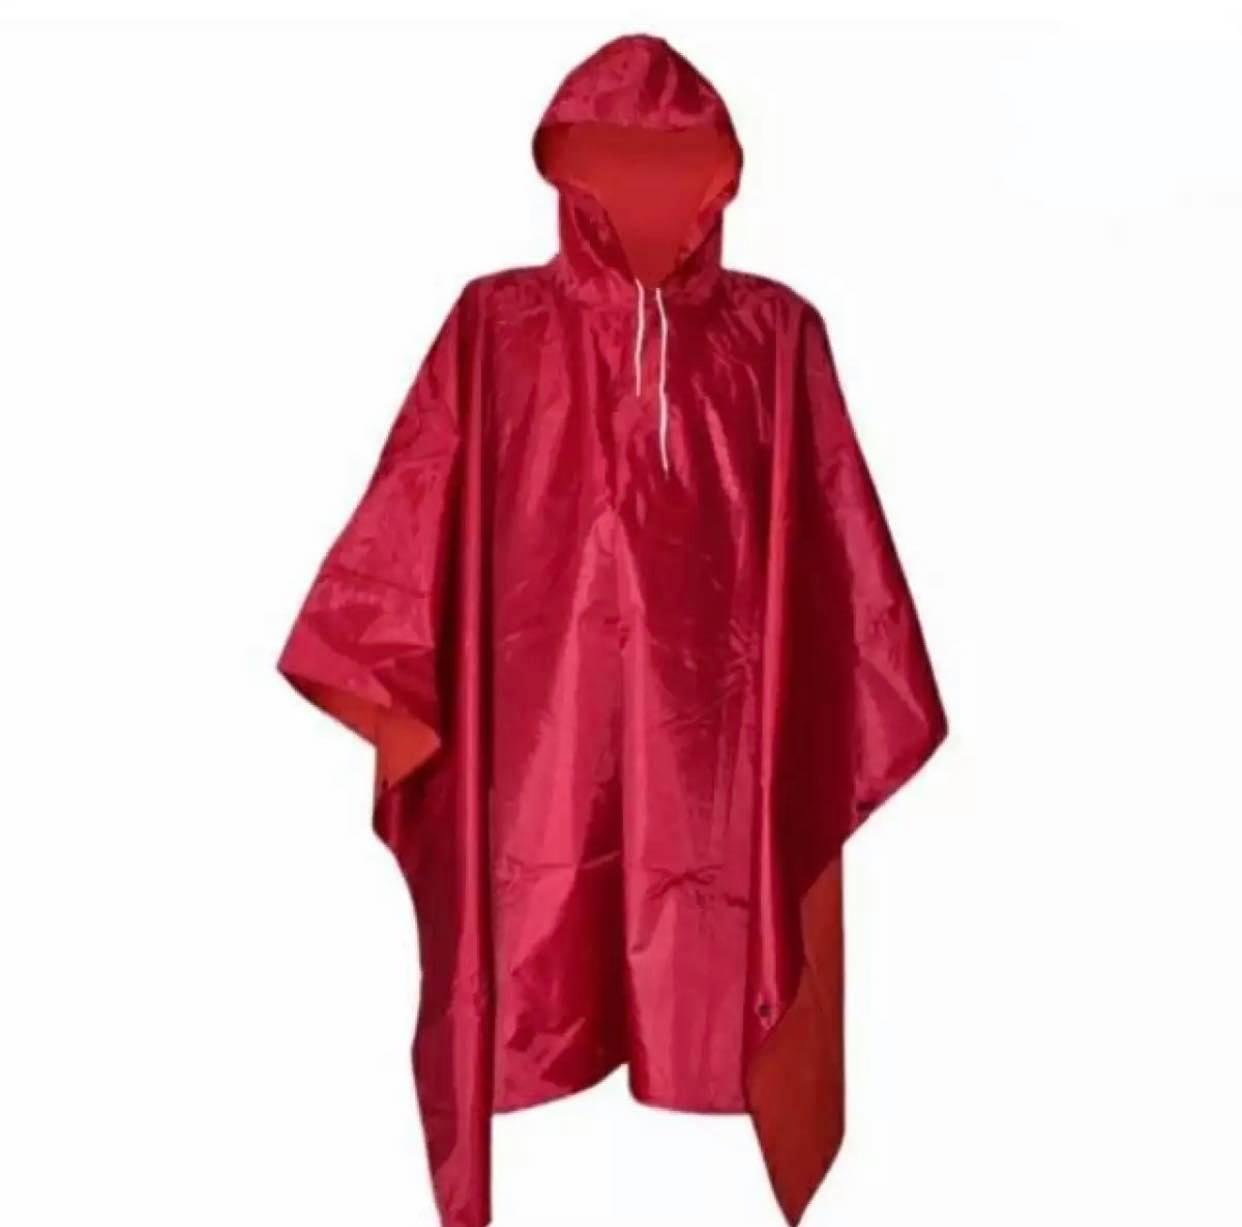 H-885 Waterproof Raincoat with Hoodie